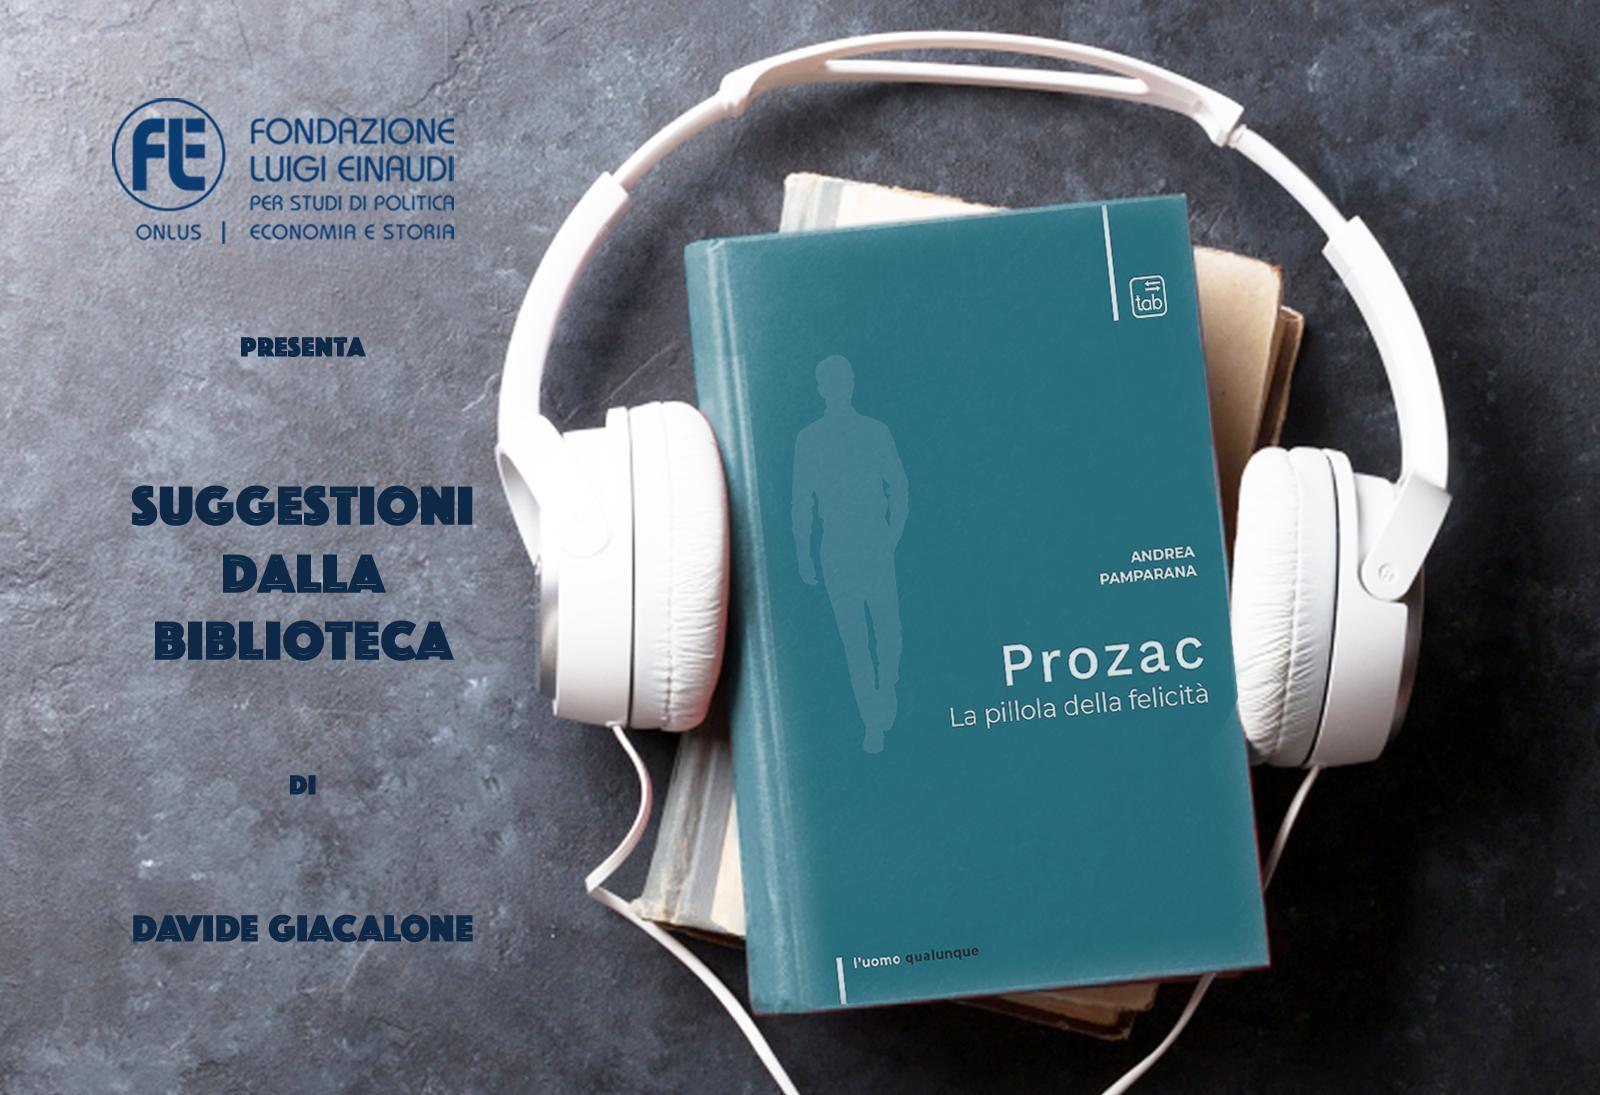 Andrea Pamparana – Prozac